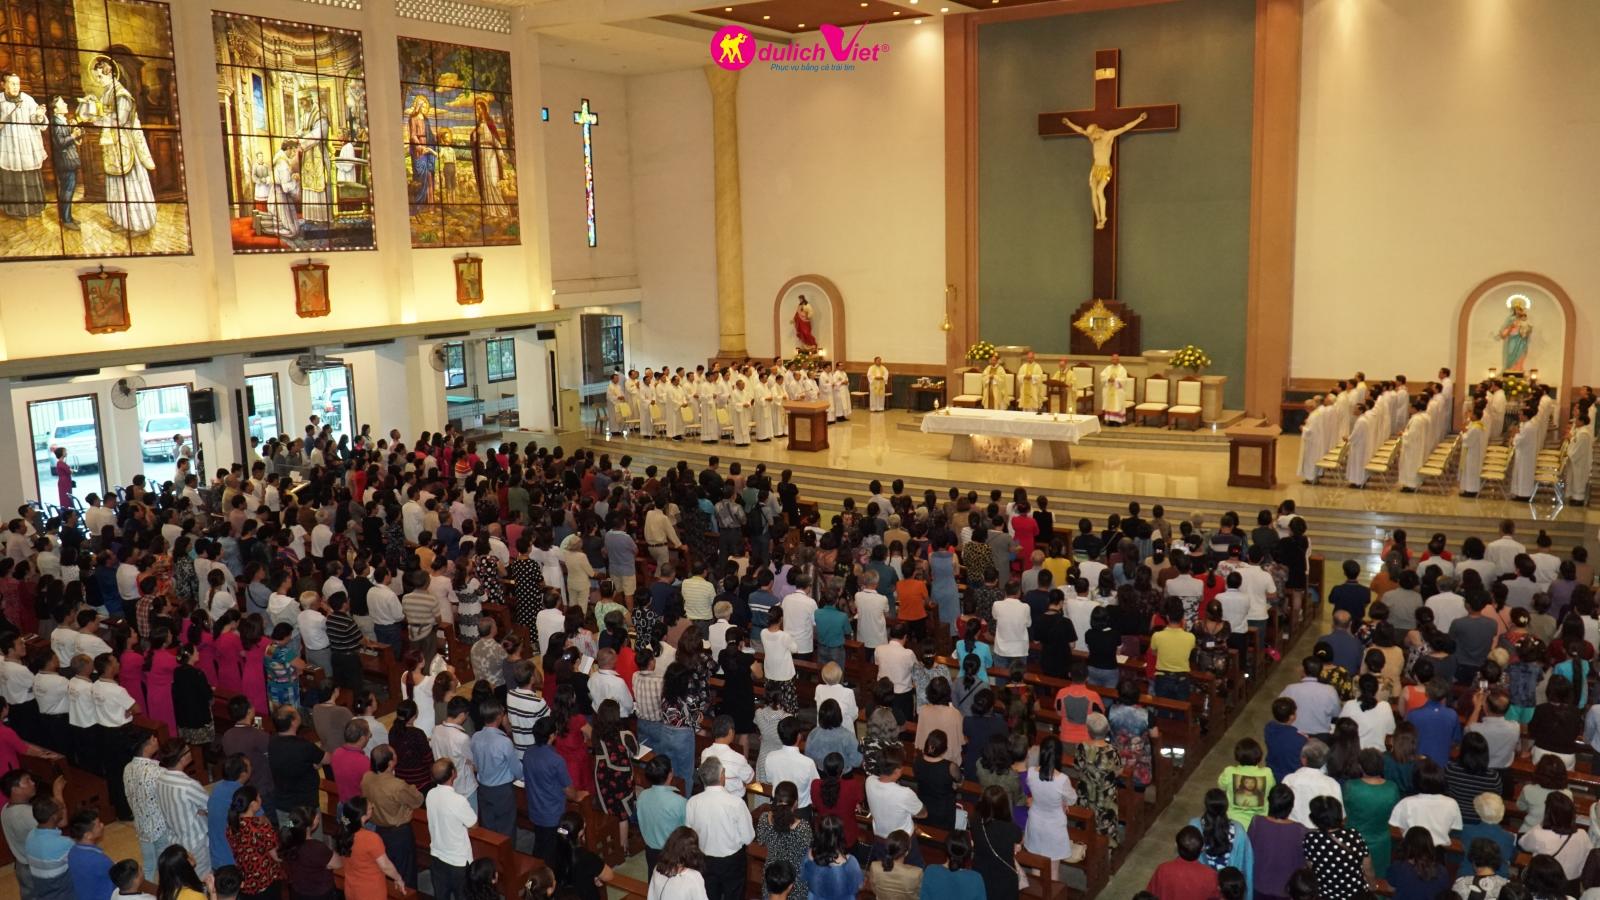 Hành Trình Theo Chân Đức Thánh Cha Phanxico 2019: Cuộc Họp Mặt Đầy Ý Nghĩa Tại Thái Lan